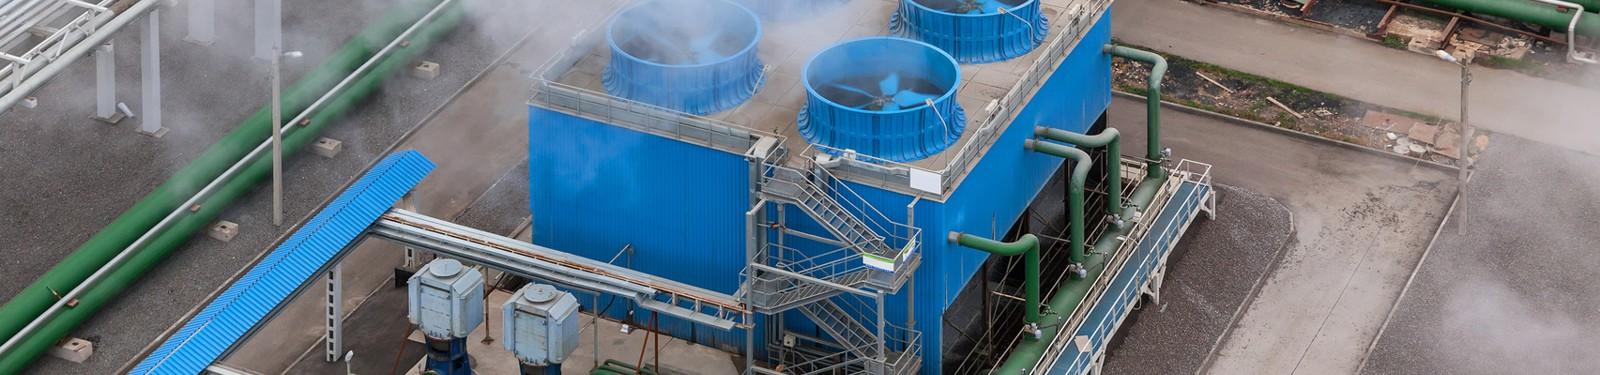 Kühlwasserhygiene